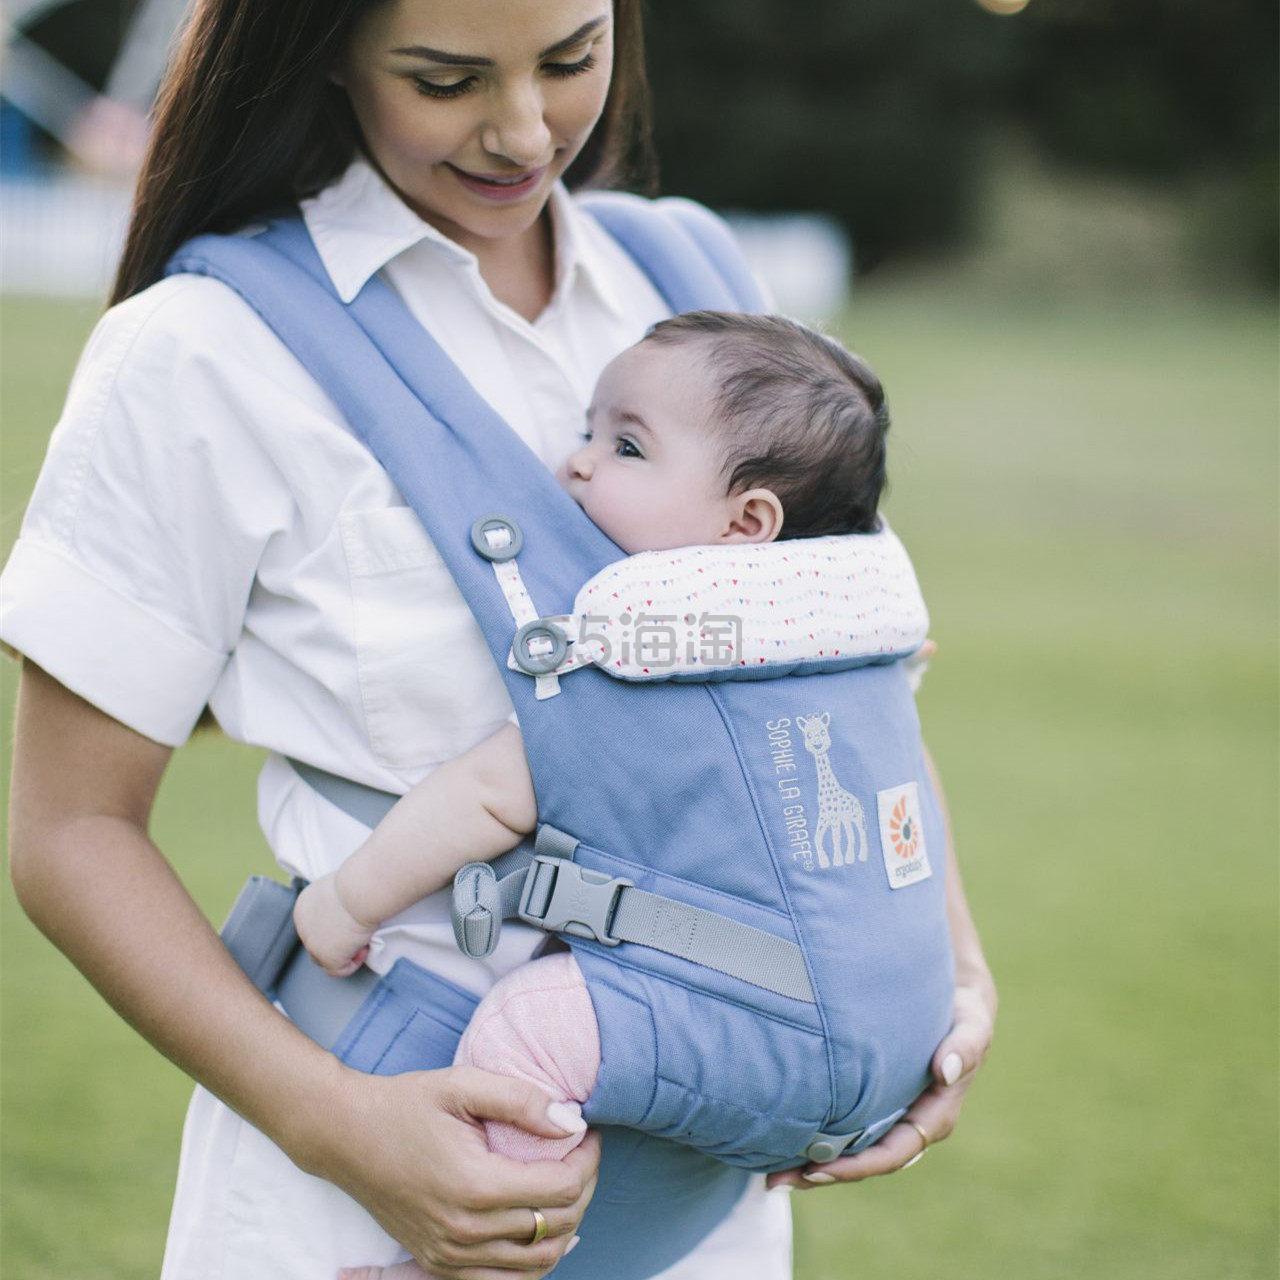 【直邮中国】Ergobaby x Sophie La Girafe 合作款婴儿背带 €74.79(约583元) - 海淘优惠海淘折扣|55海淘网